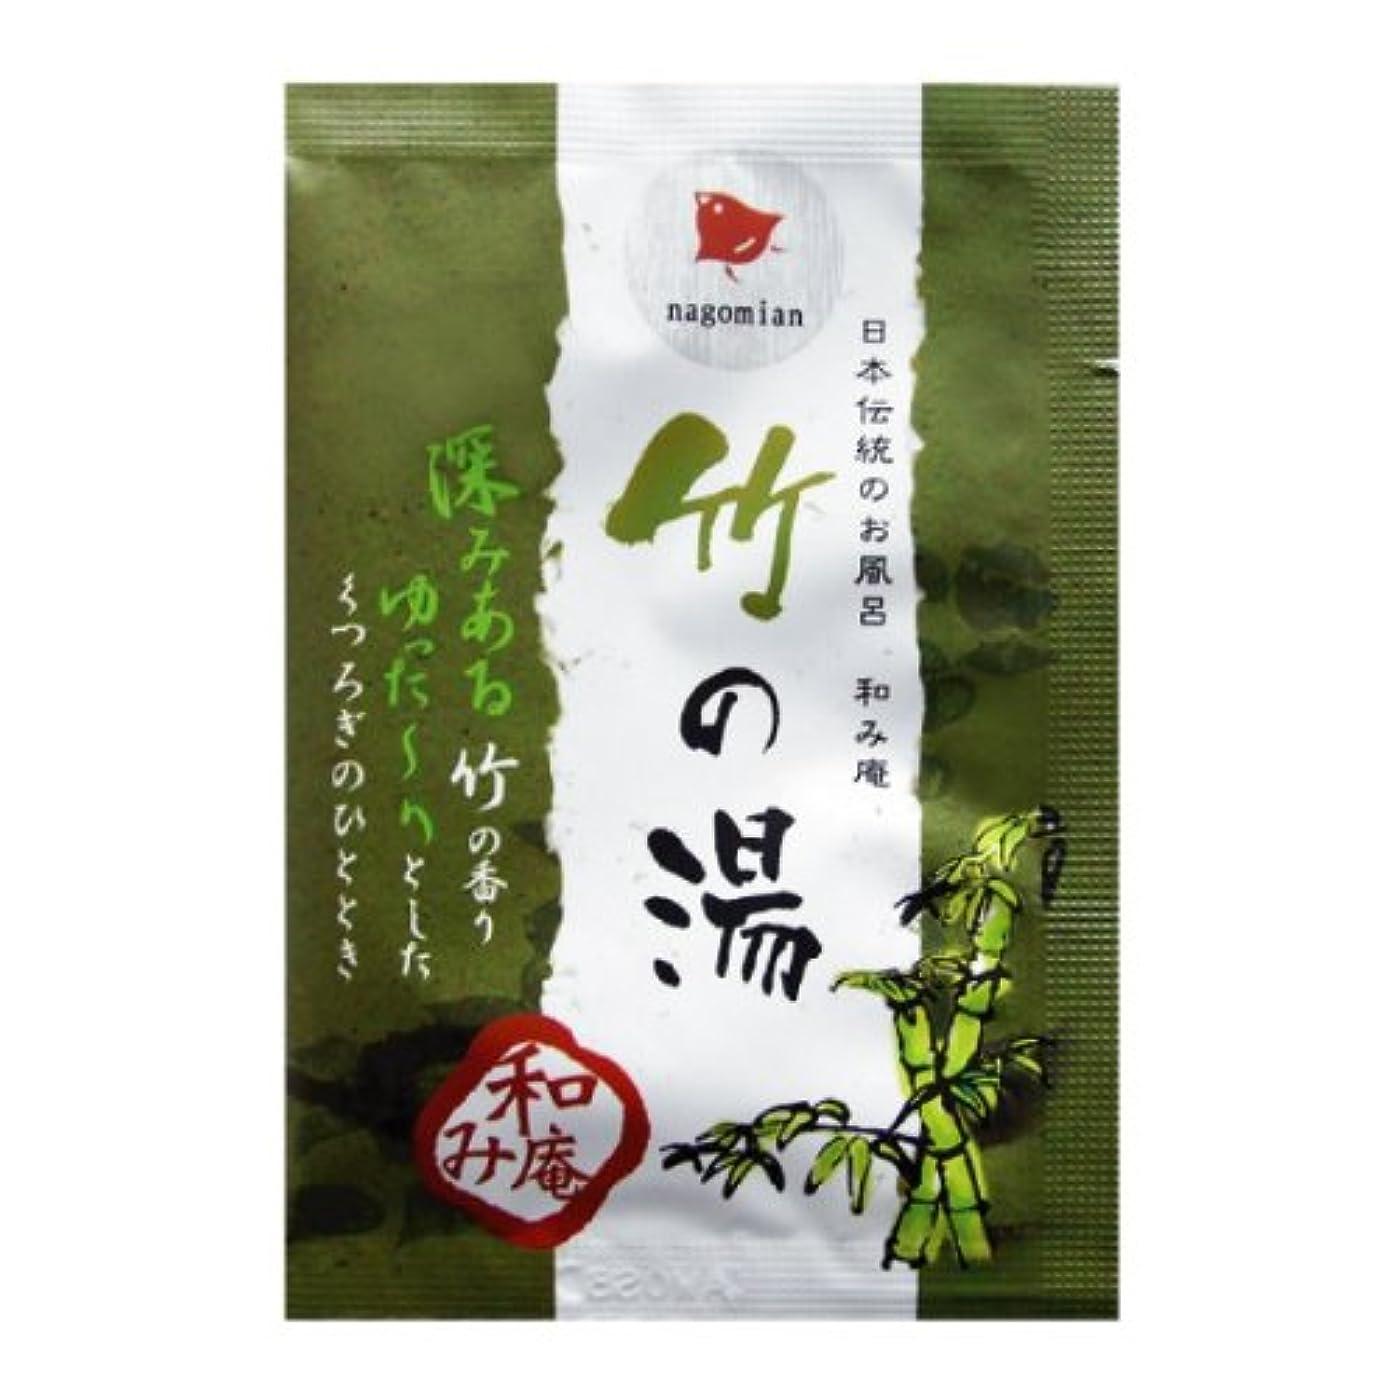 争い応じる多様性日本伝統のお風呂 和み庵 竹の湯 200包